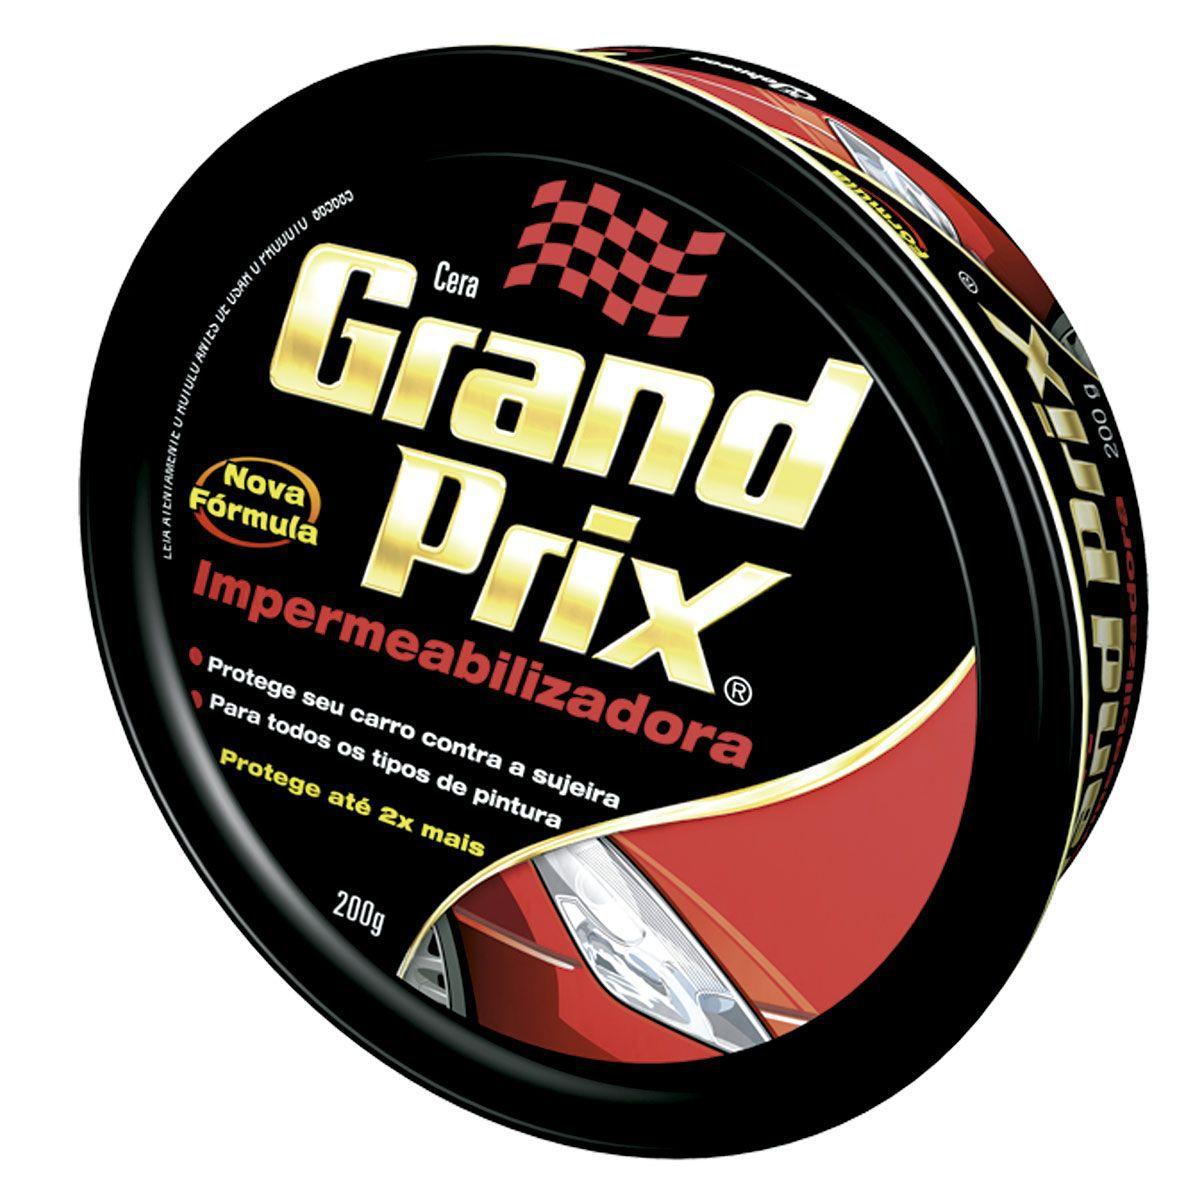 Cera Grand Prix Impermeabilizadora 200G  - Bunnitu Peças e Acessórios